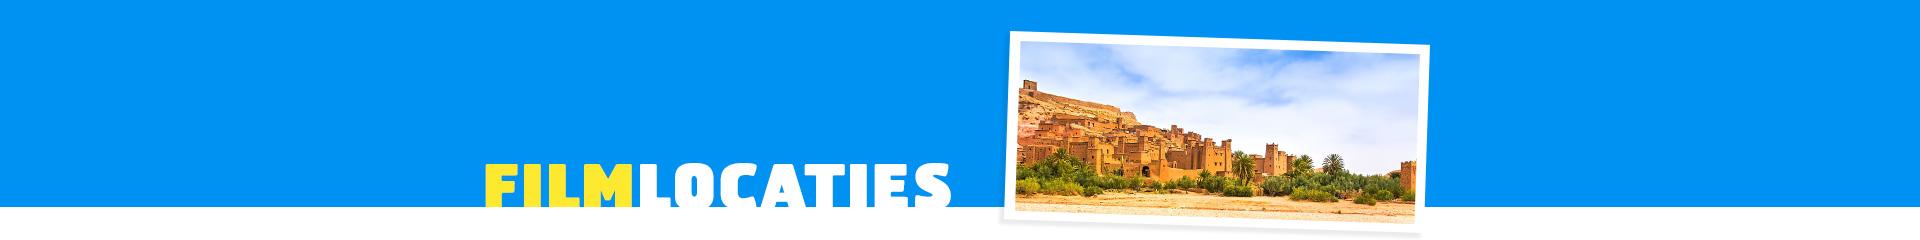 De filmlocaties van Gladiator in Marokko